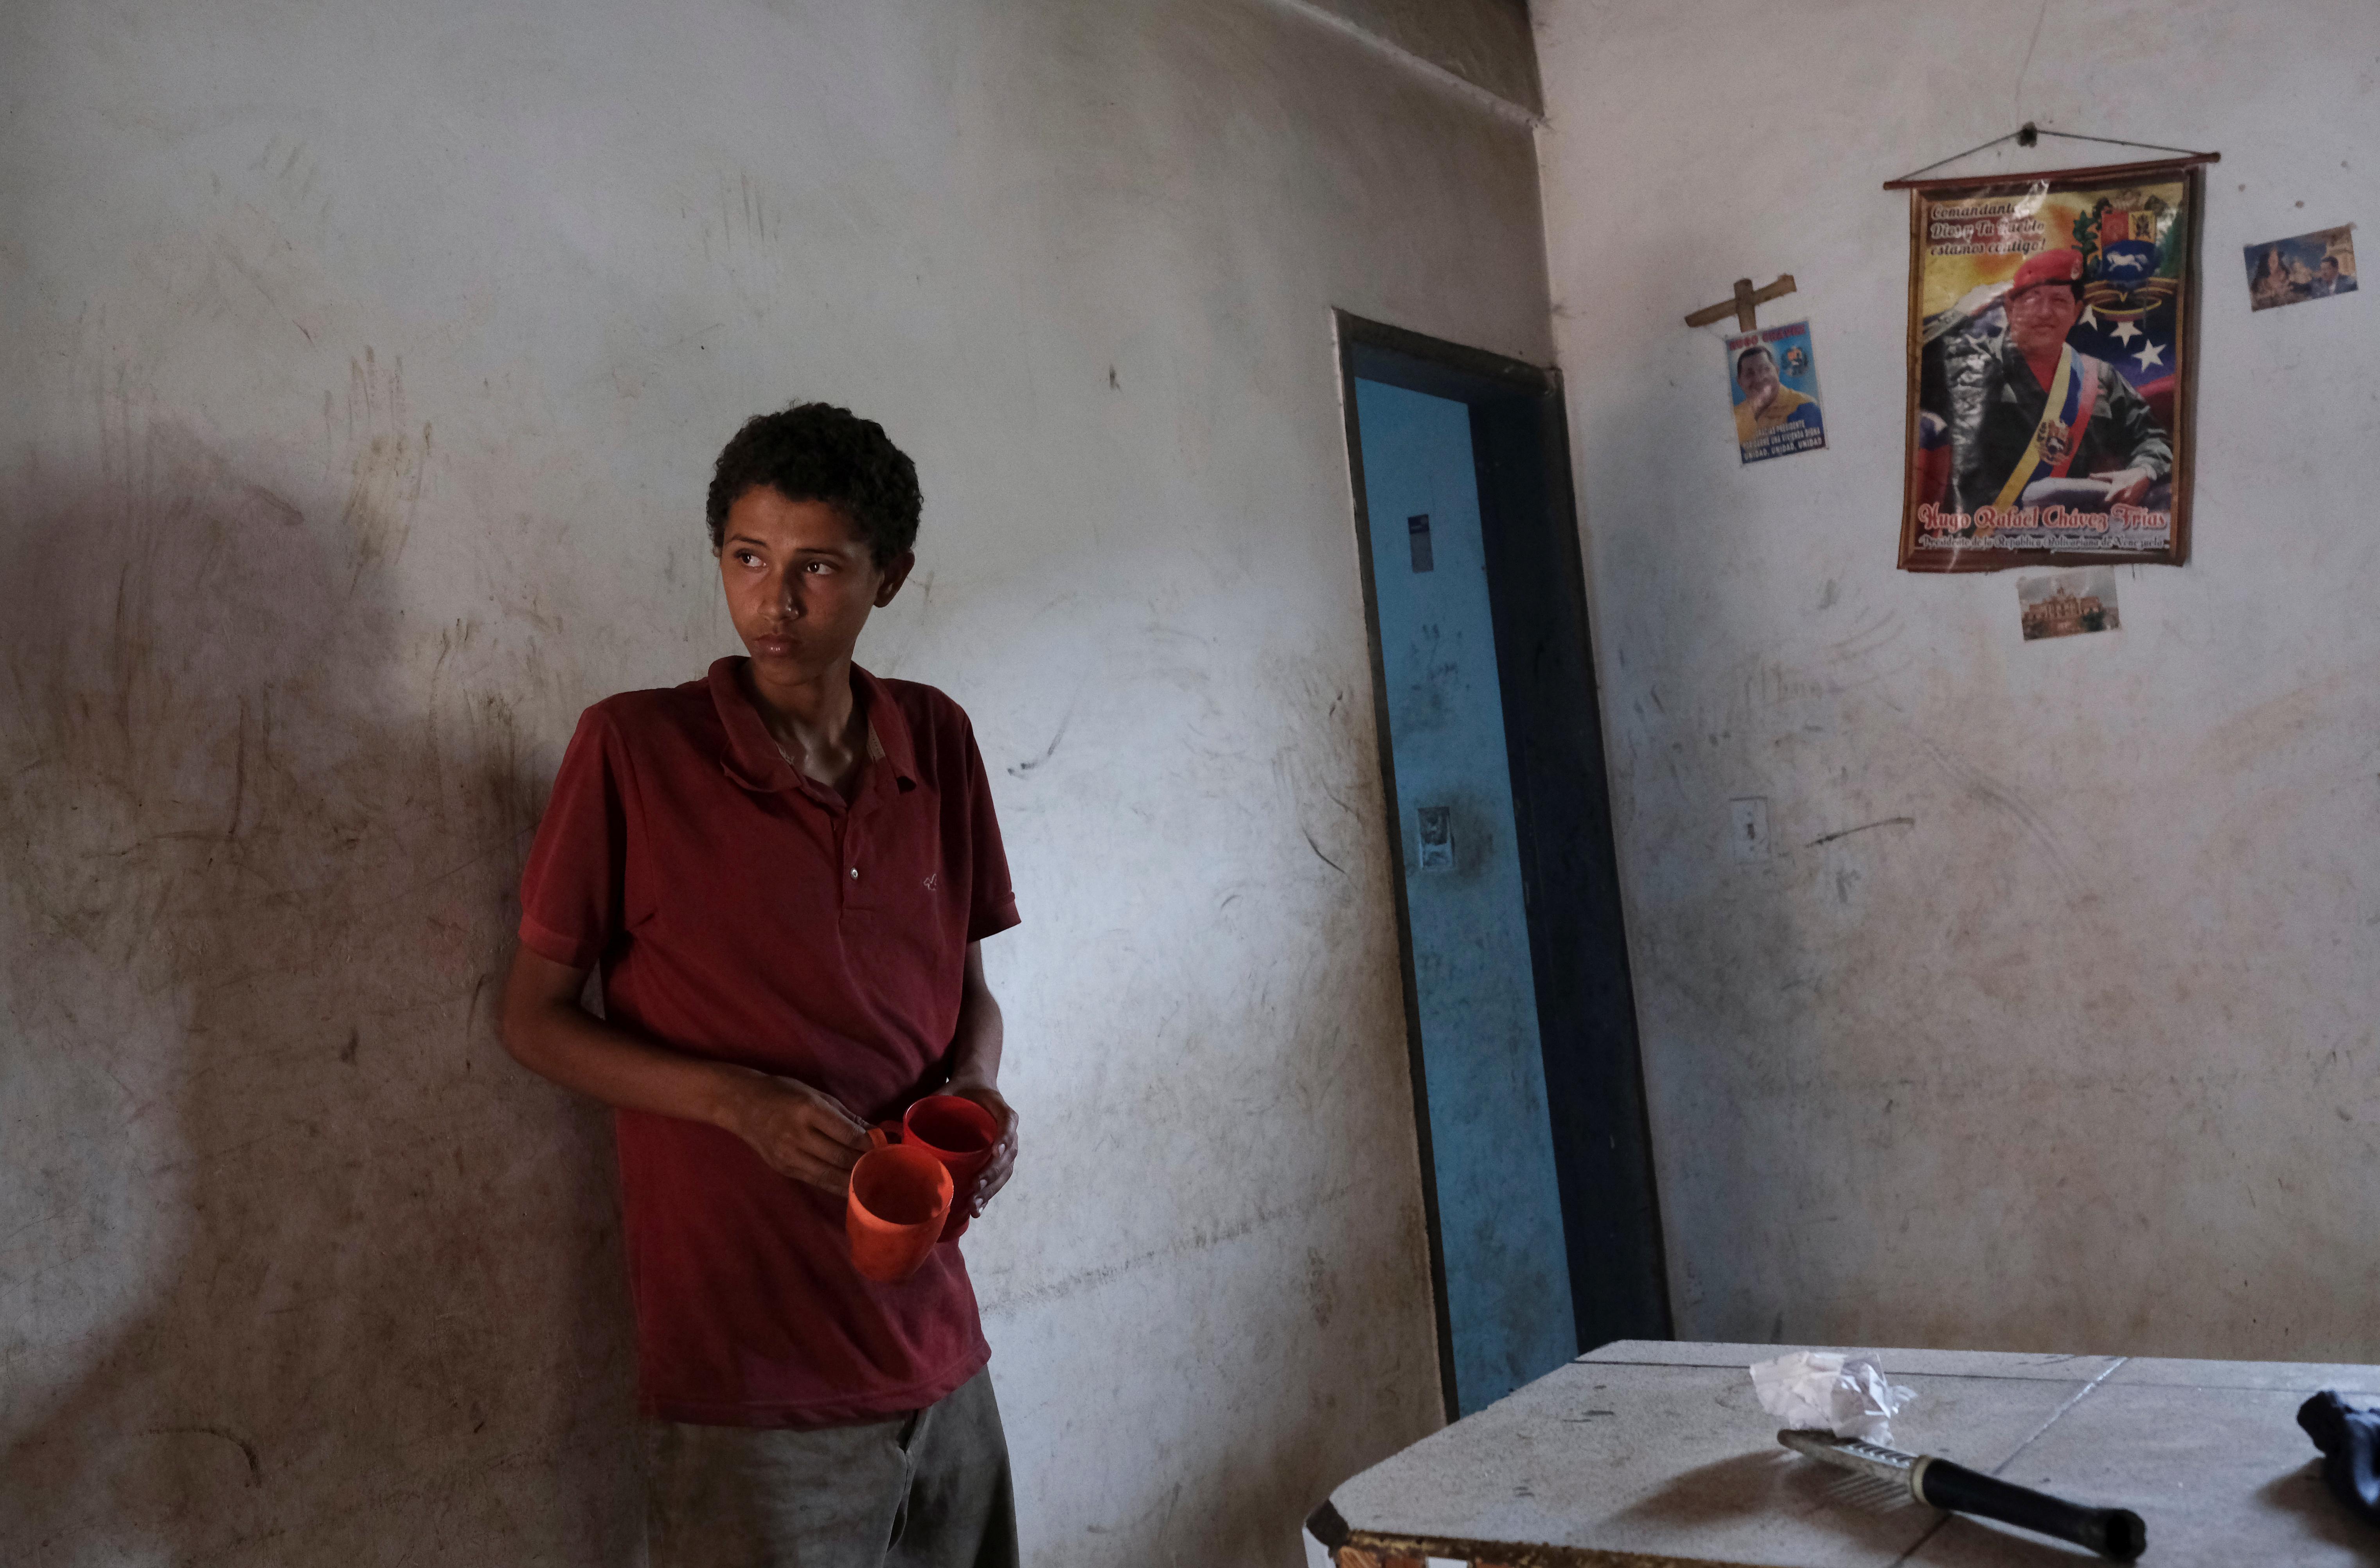 Carlos Flores, de 15 años, que tiene bajo peso por su estatura, según su madre, Blanca Naveda, se para frente a fotos del fallecido presidente de Venezuela, Hugo Chávez, en su casa en Barquisimeto (REUTERS/Carlos García Rawlins)